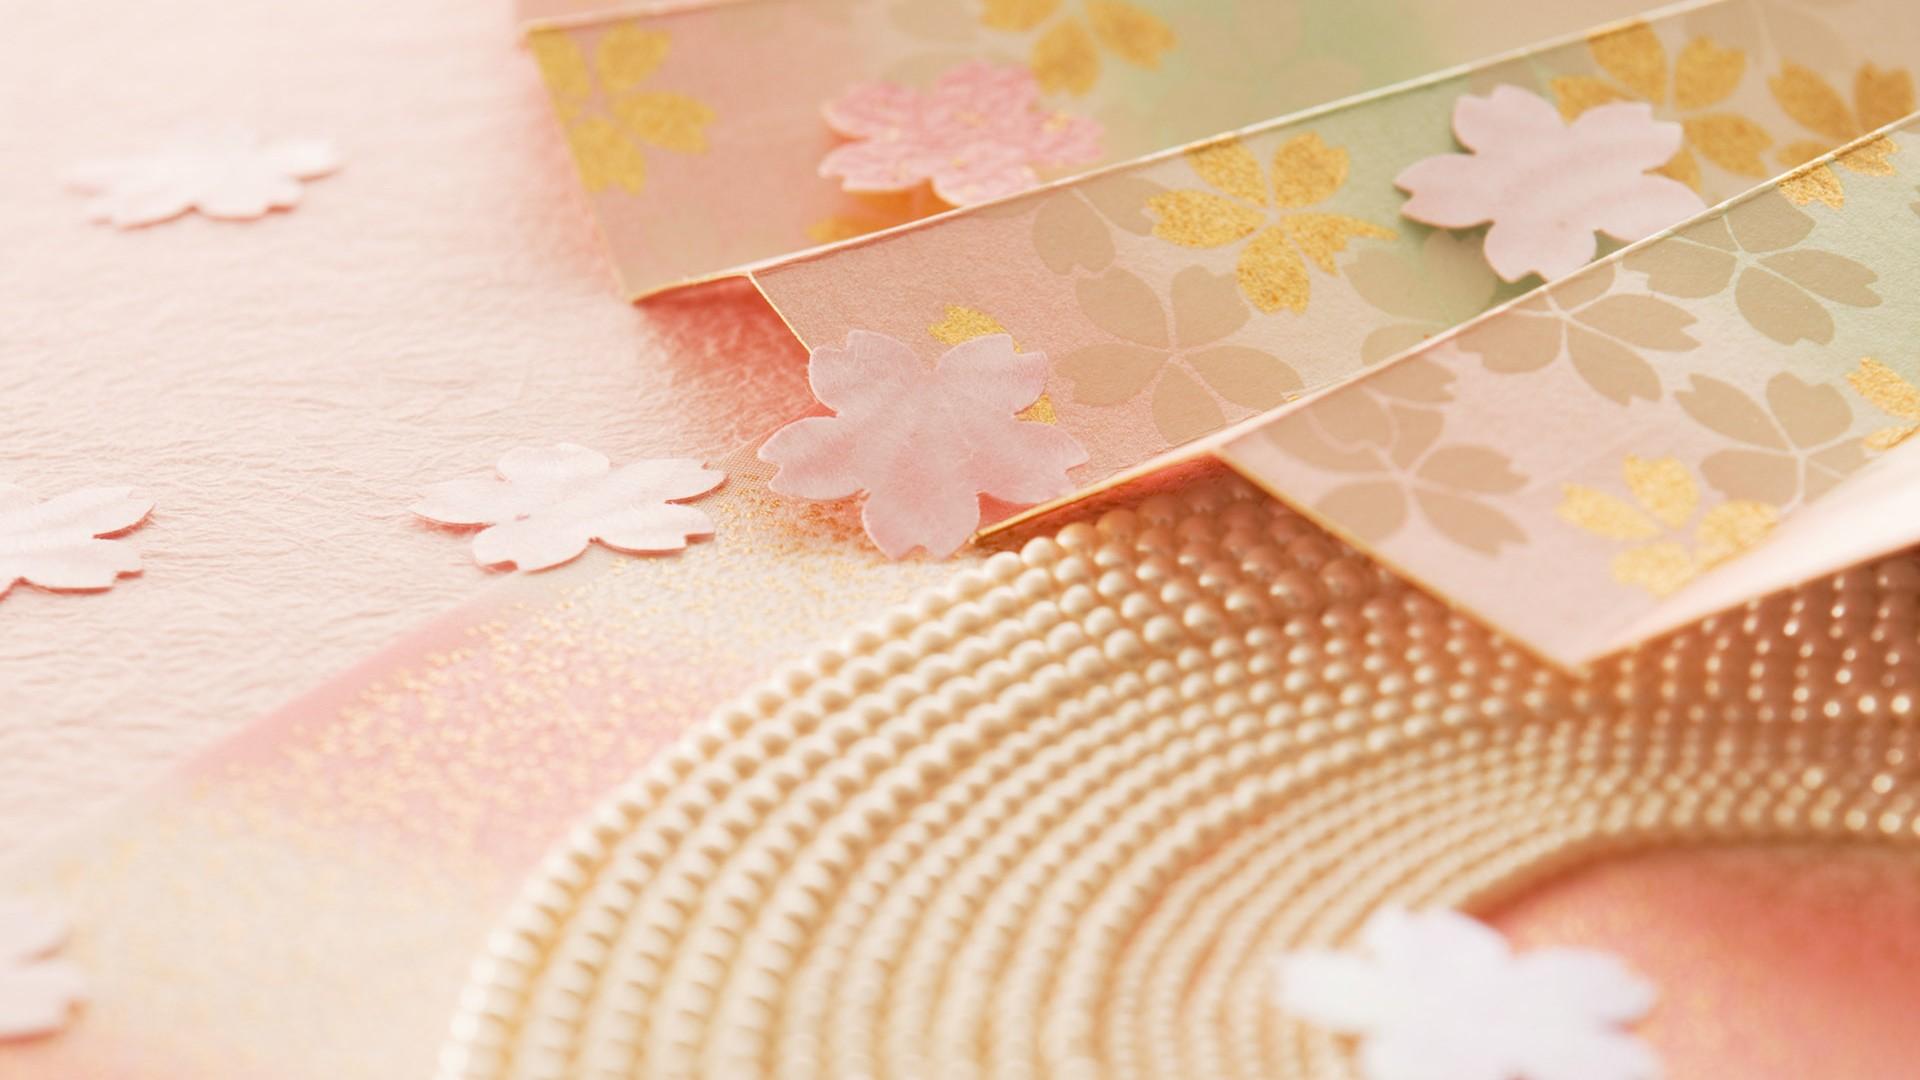 日本のお正月文化の壁紙 15 19x1080 壁紙ダウンロード 日本のお正月文化の壁紙 祭り 壁紙 V3の壁紙